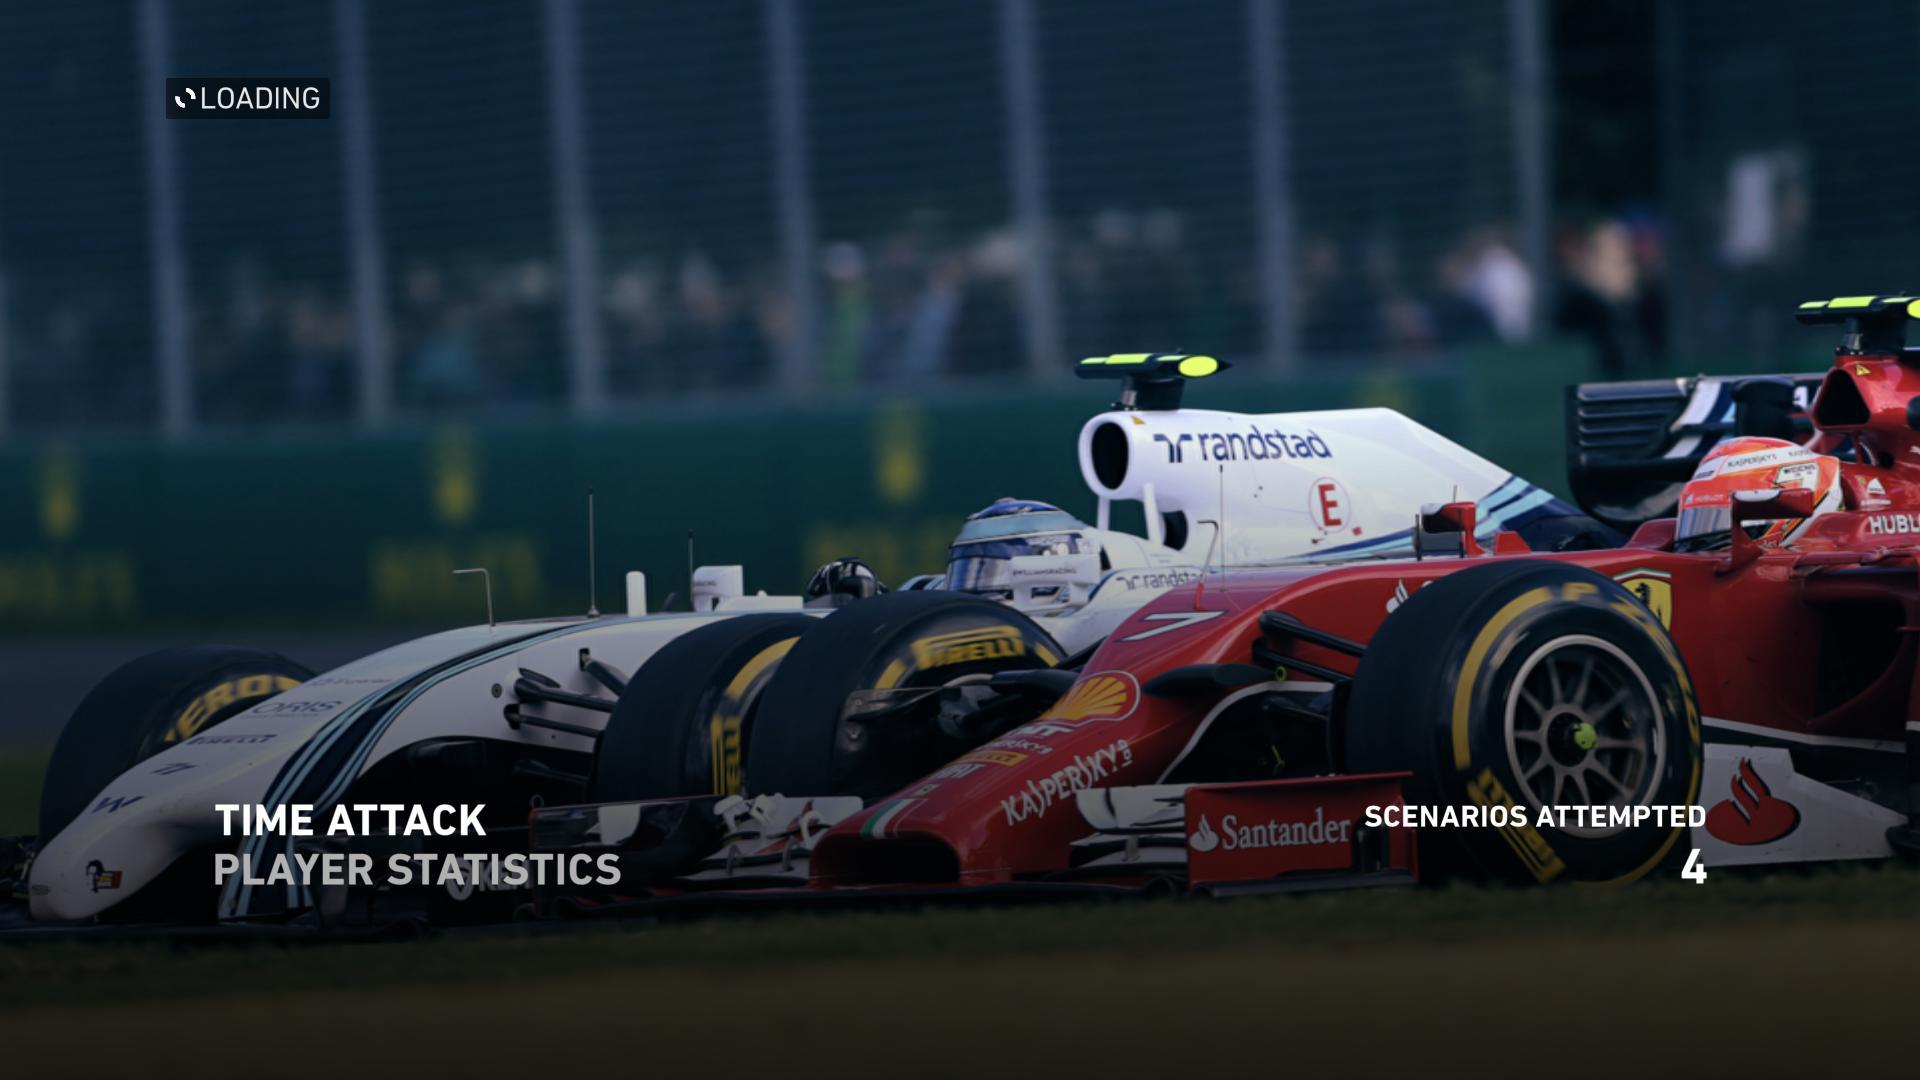 F1 2014 Loading Screen #10